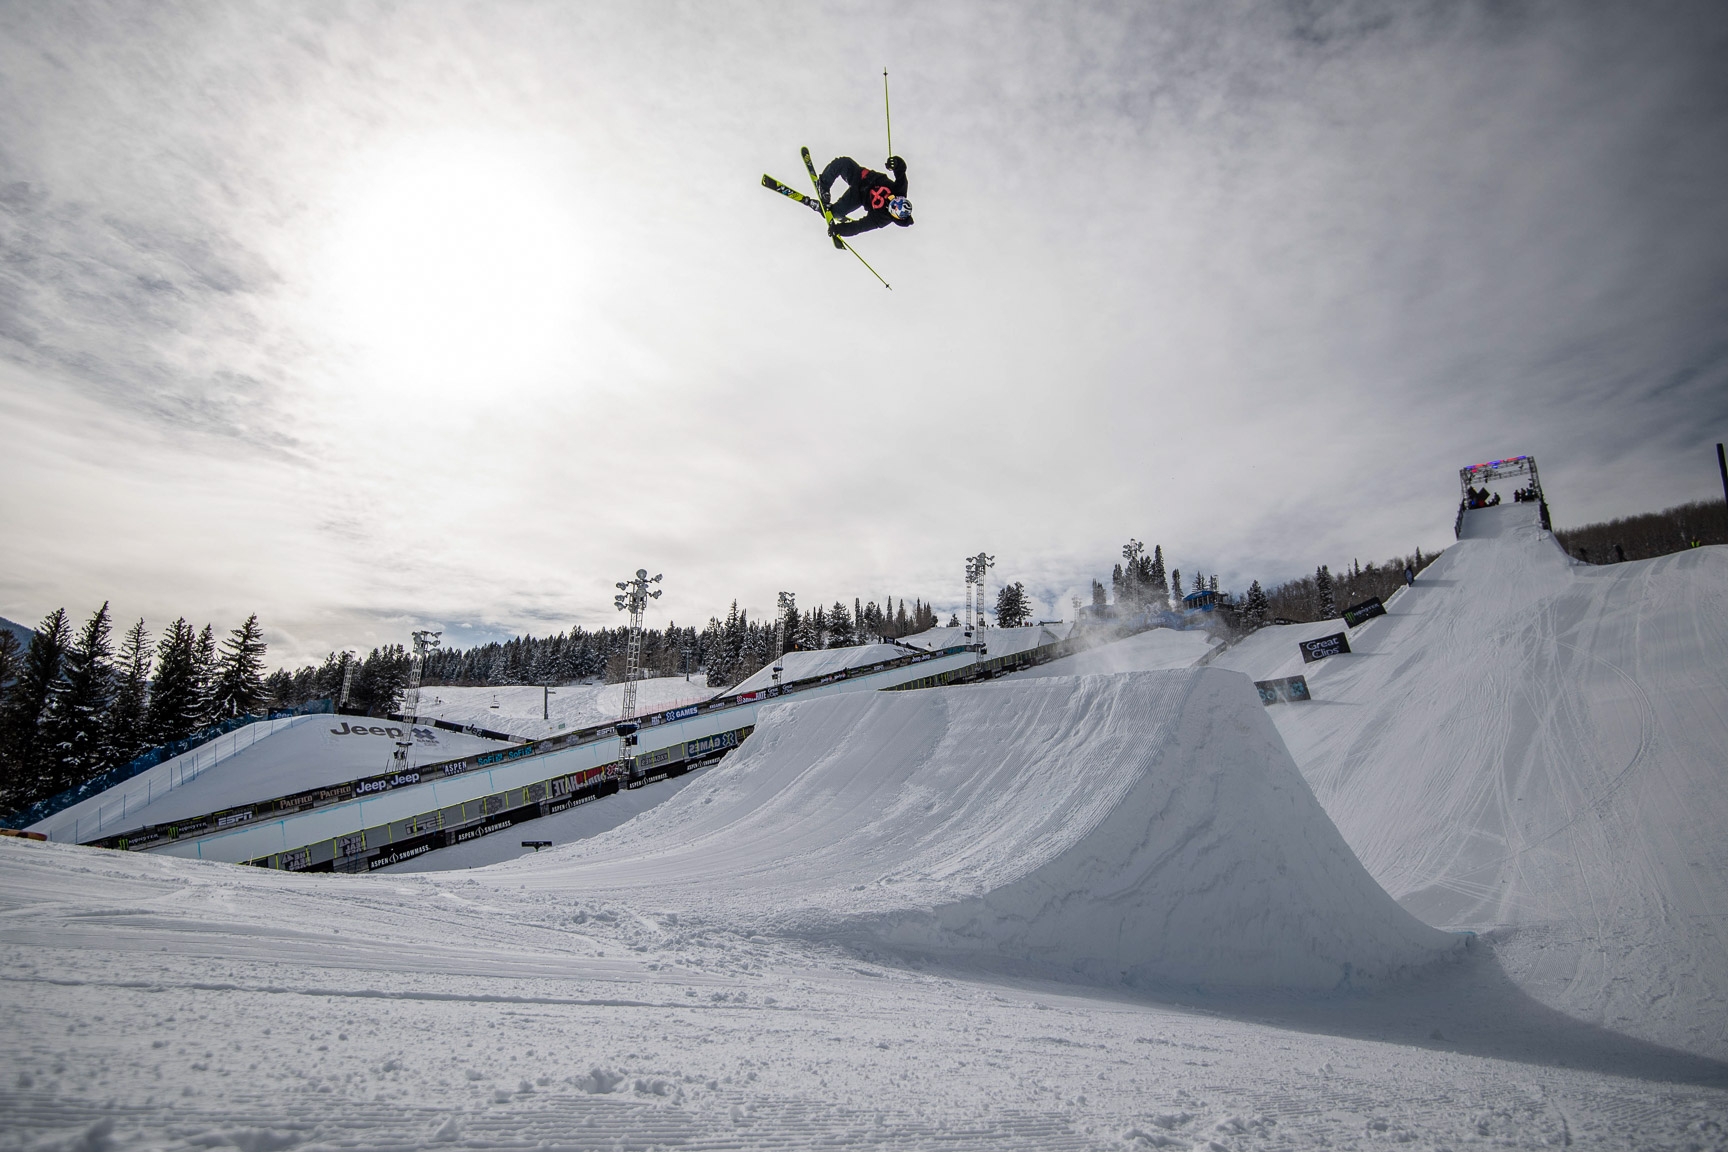 Jesper Tjader, Ski Slopestyle Practice